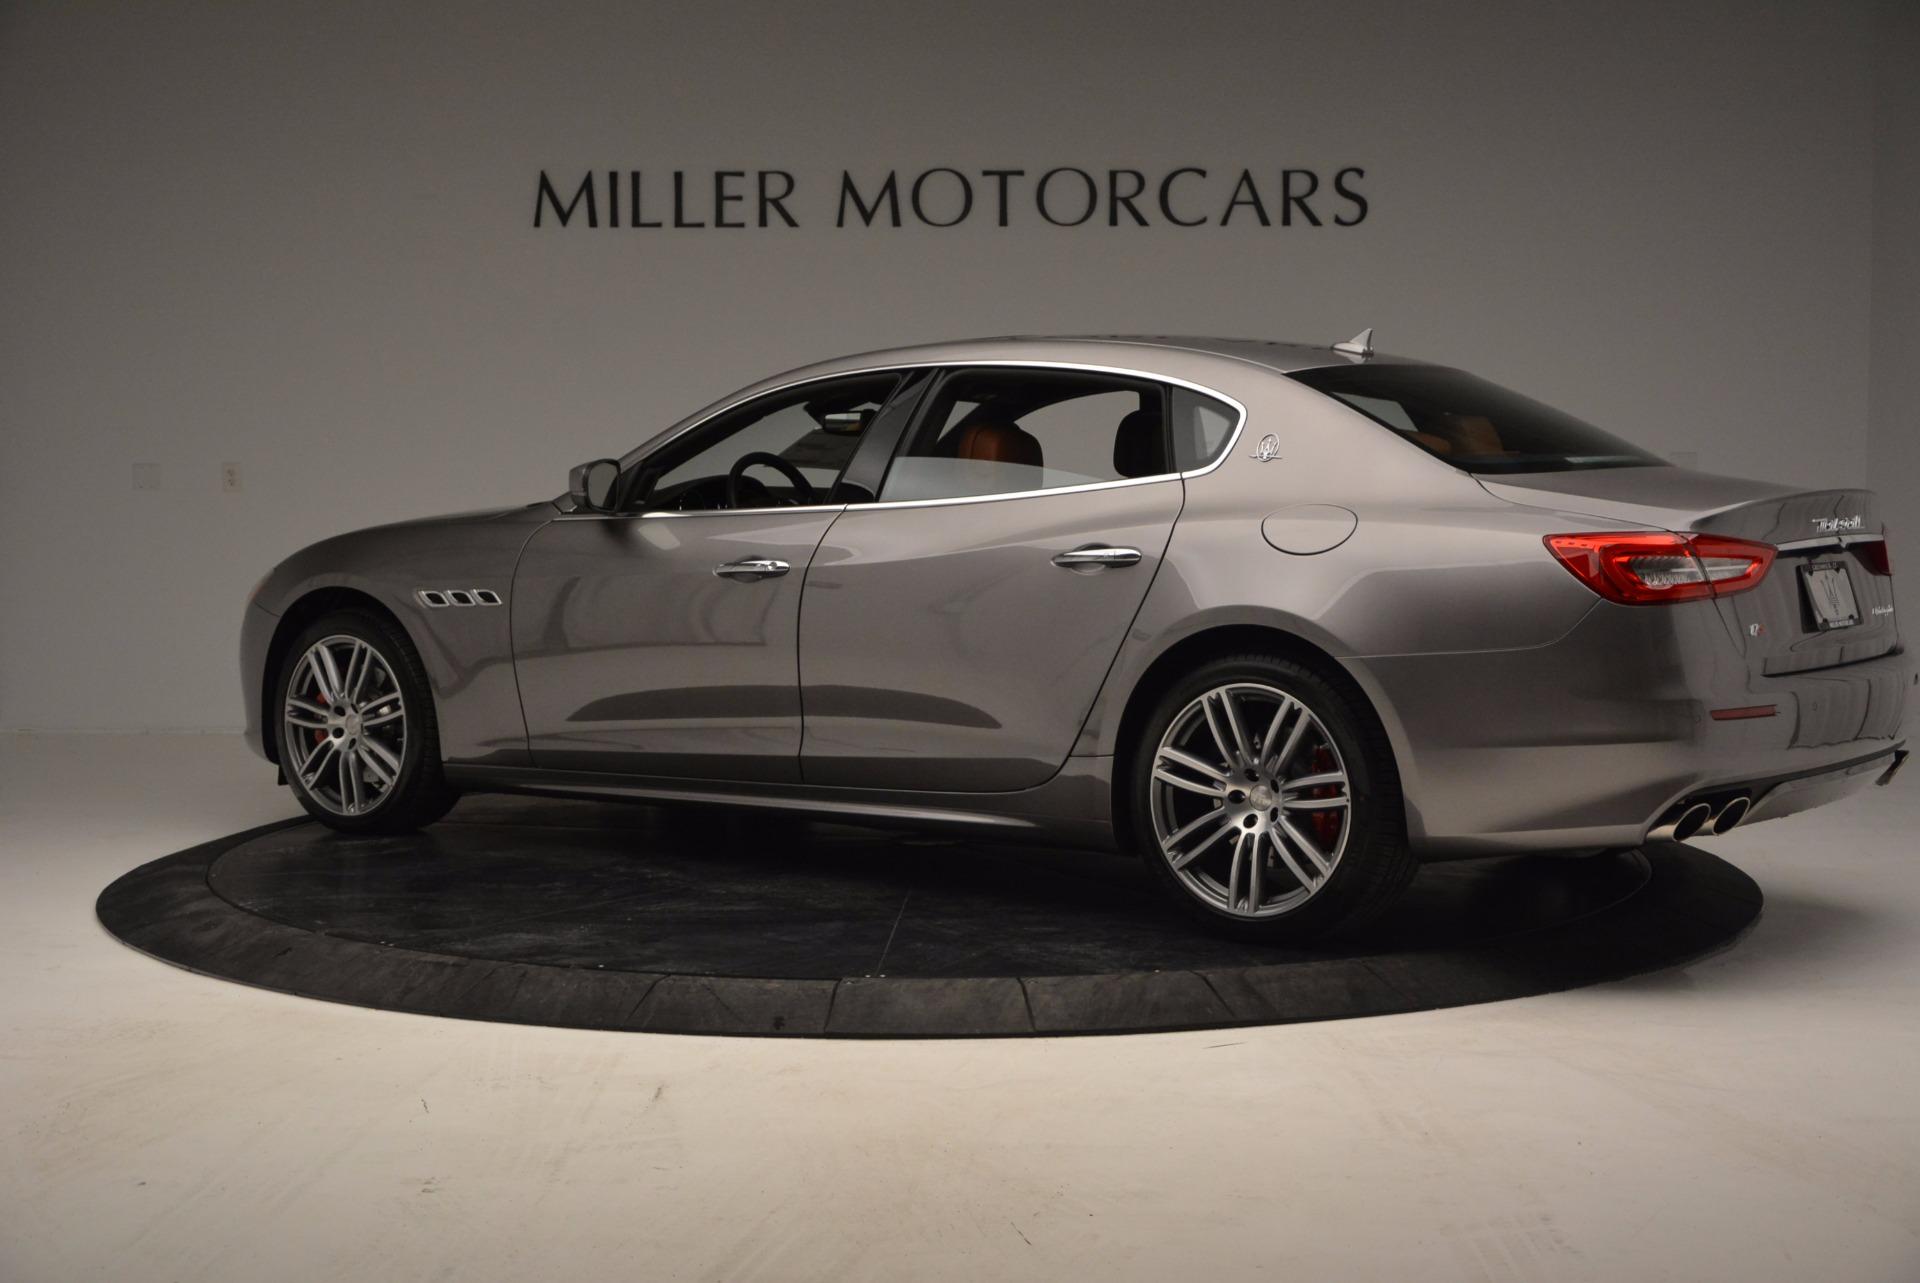 New 2017 Maserati Quattroporte S Q4 GranLusso For Sale In Greenwich, CT 728_p4